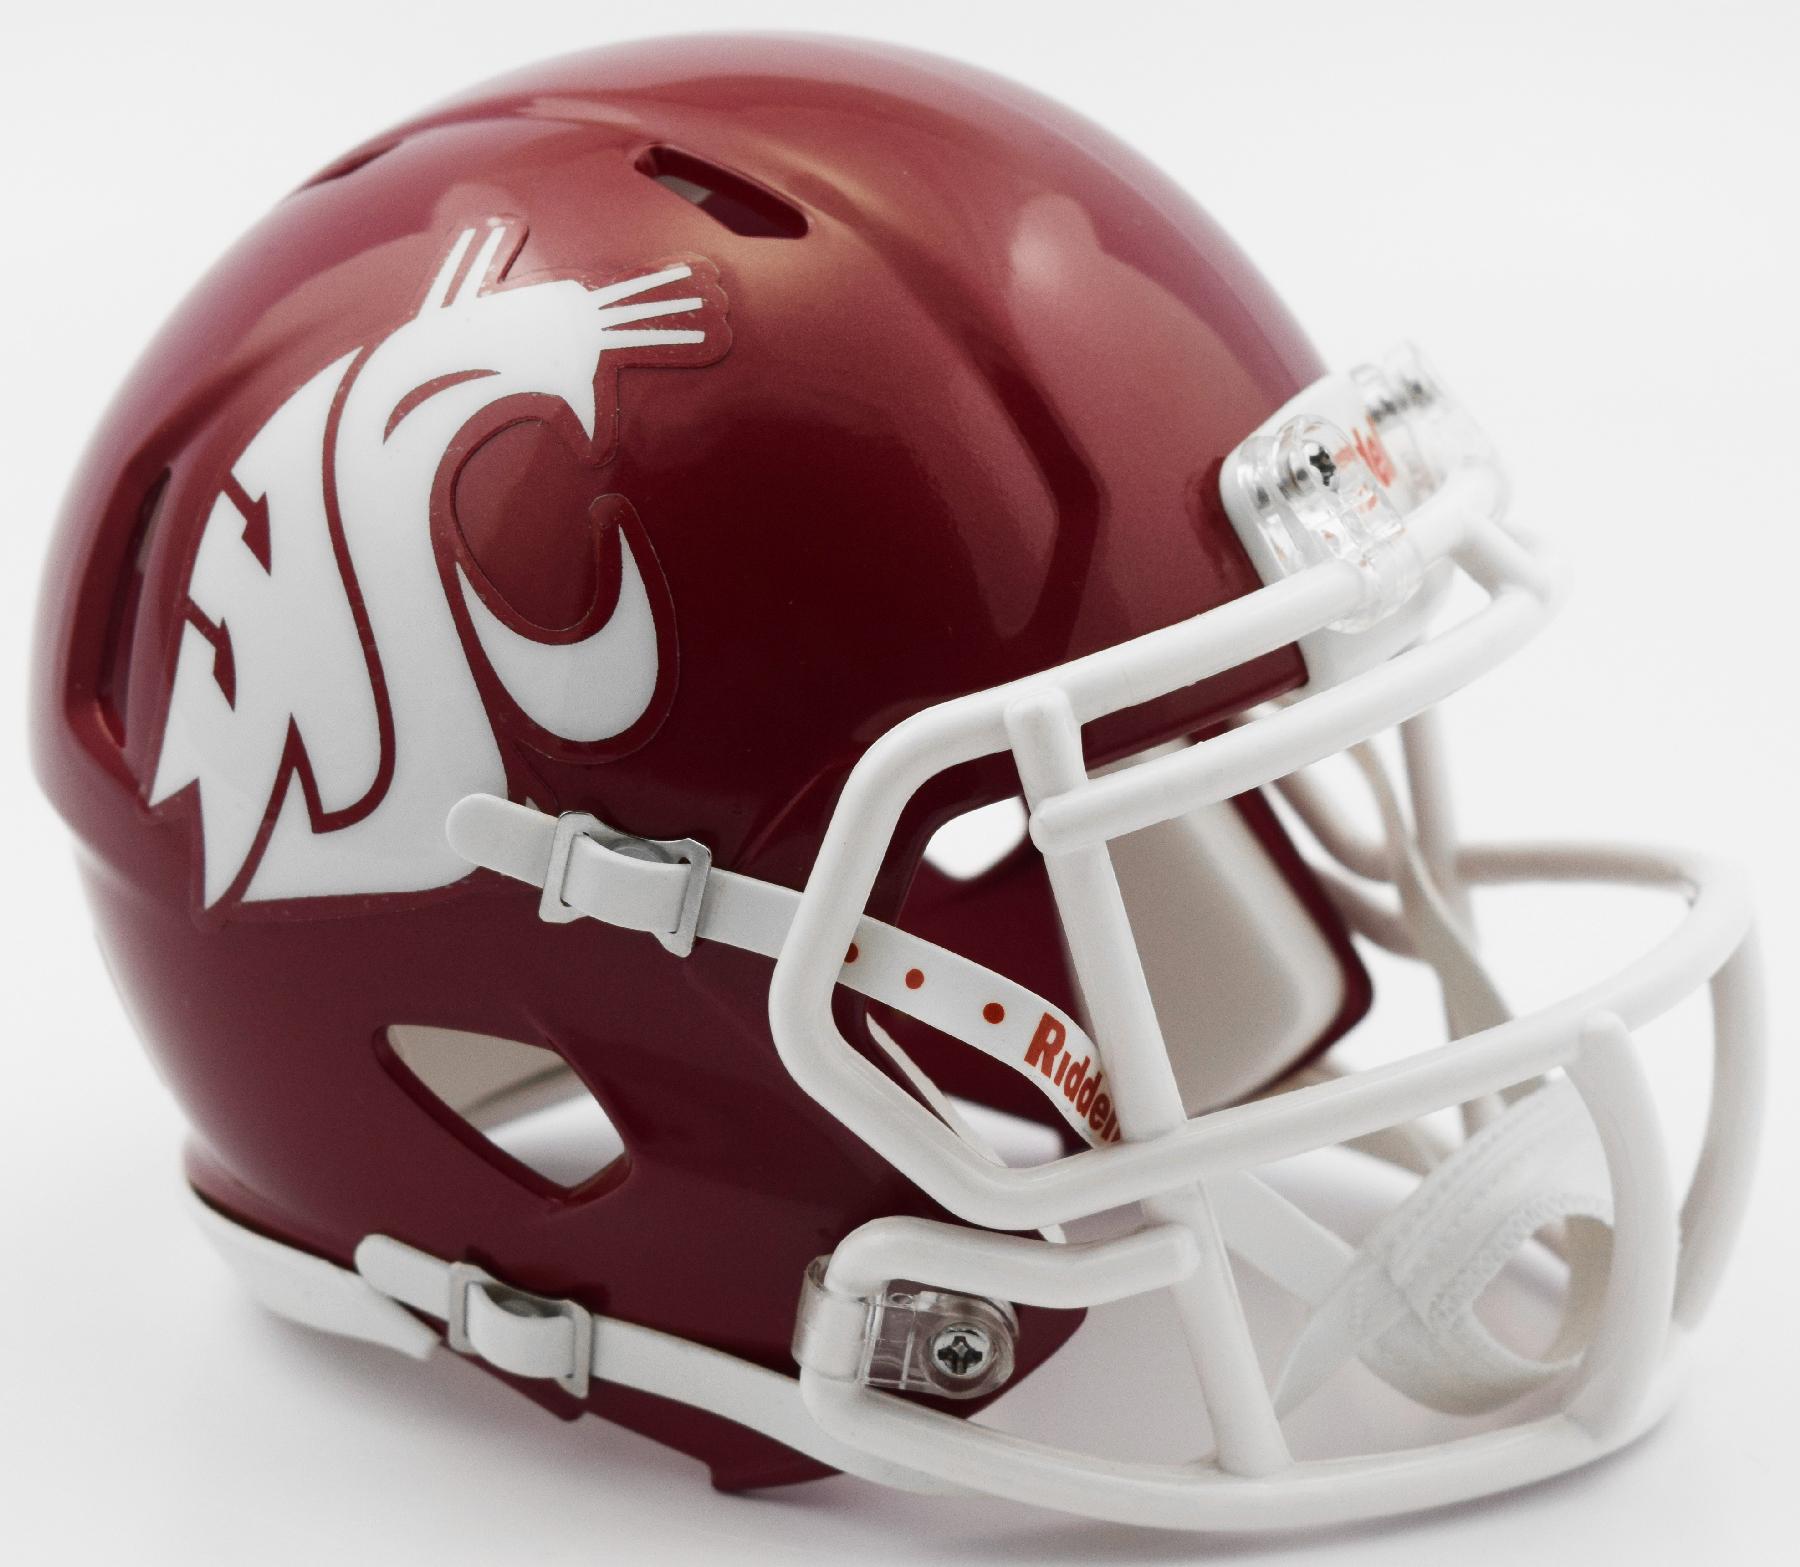 Washington State Cougars NCAA Mini Speed Football Helmet <B>2016 Crimson</B>